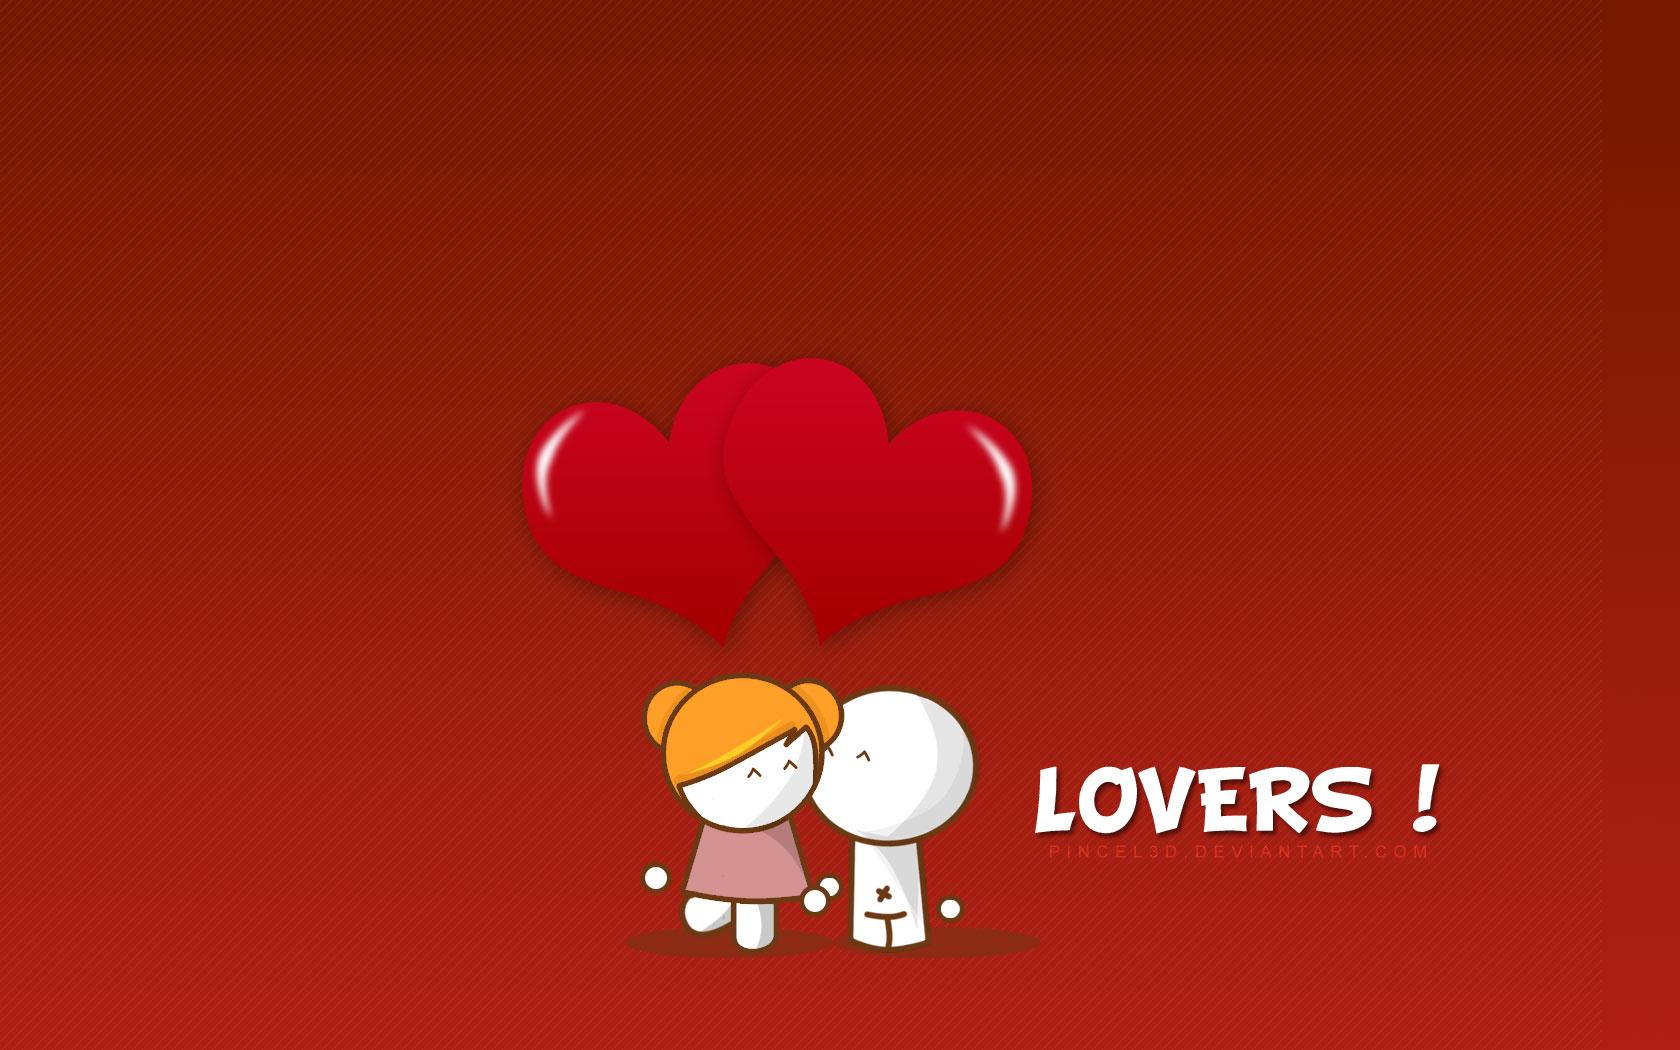 http://fc02.deviantart.net/fs42/f/2009/076/d/d/Lovers_by_pincel3d.jpg